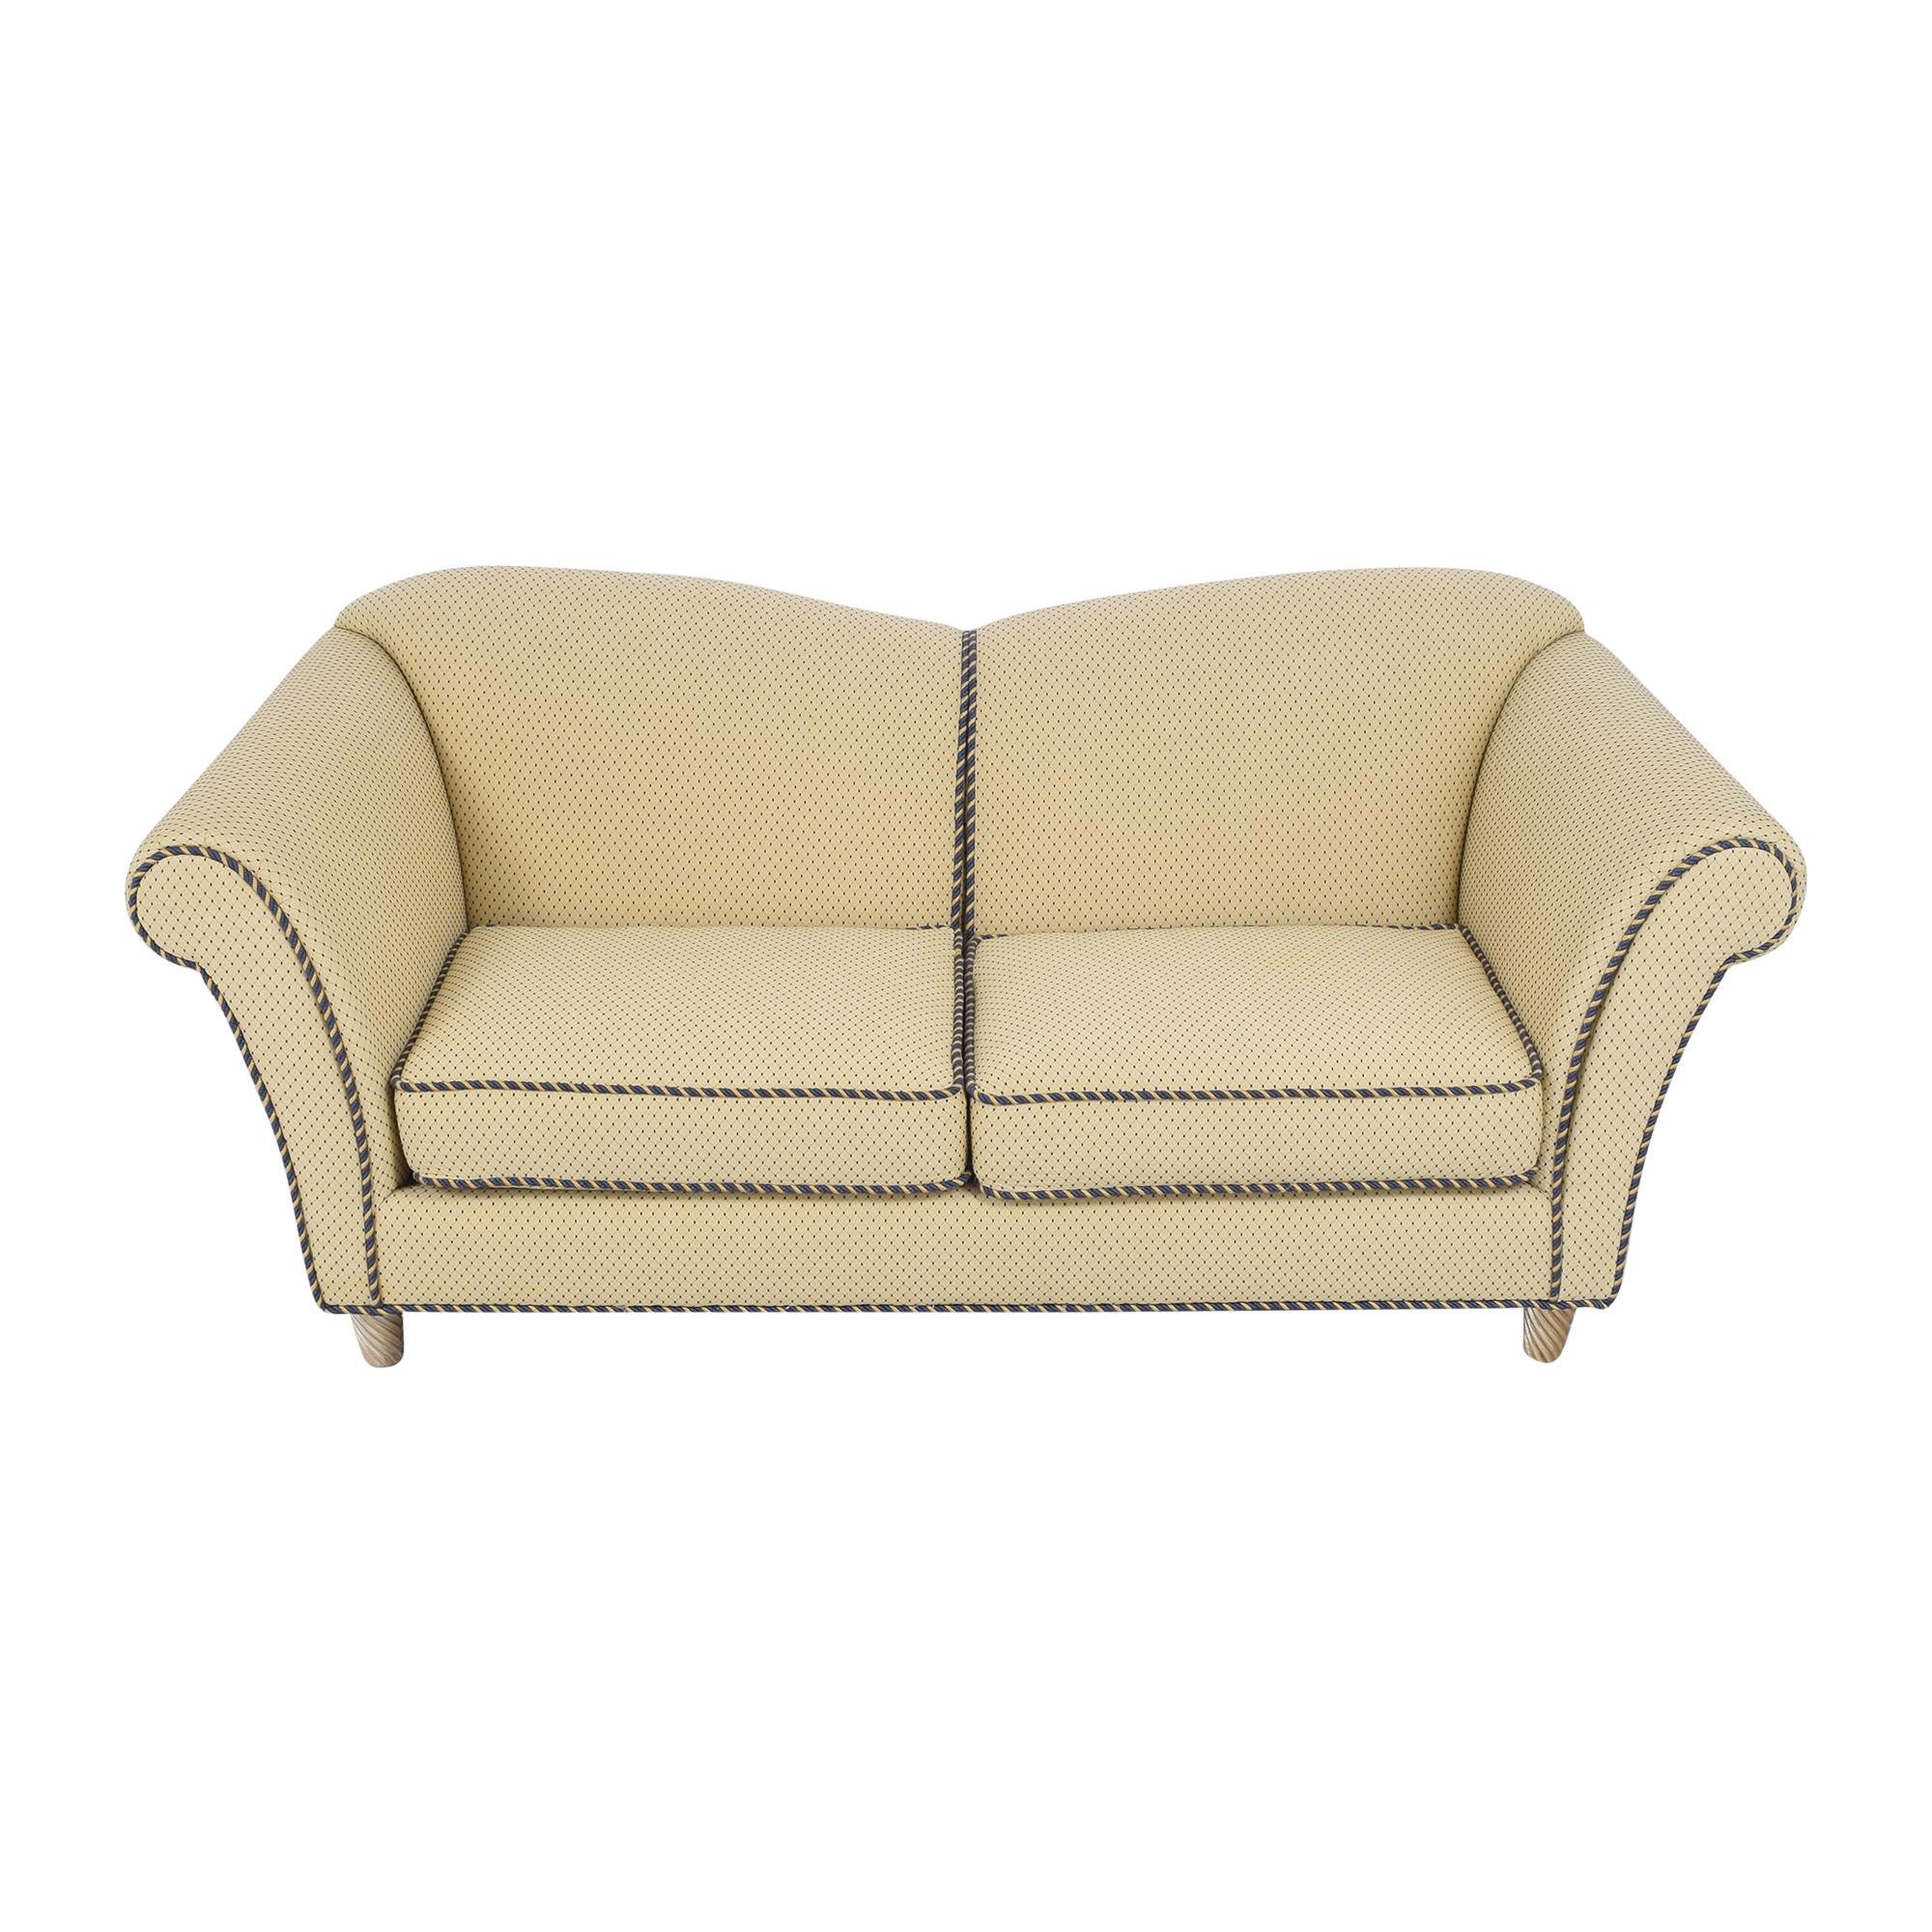 Kravet Custom Two Cushion Sofa Kravet